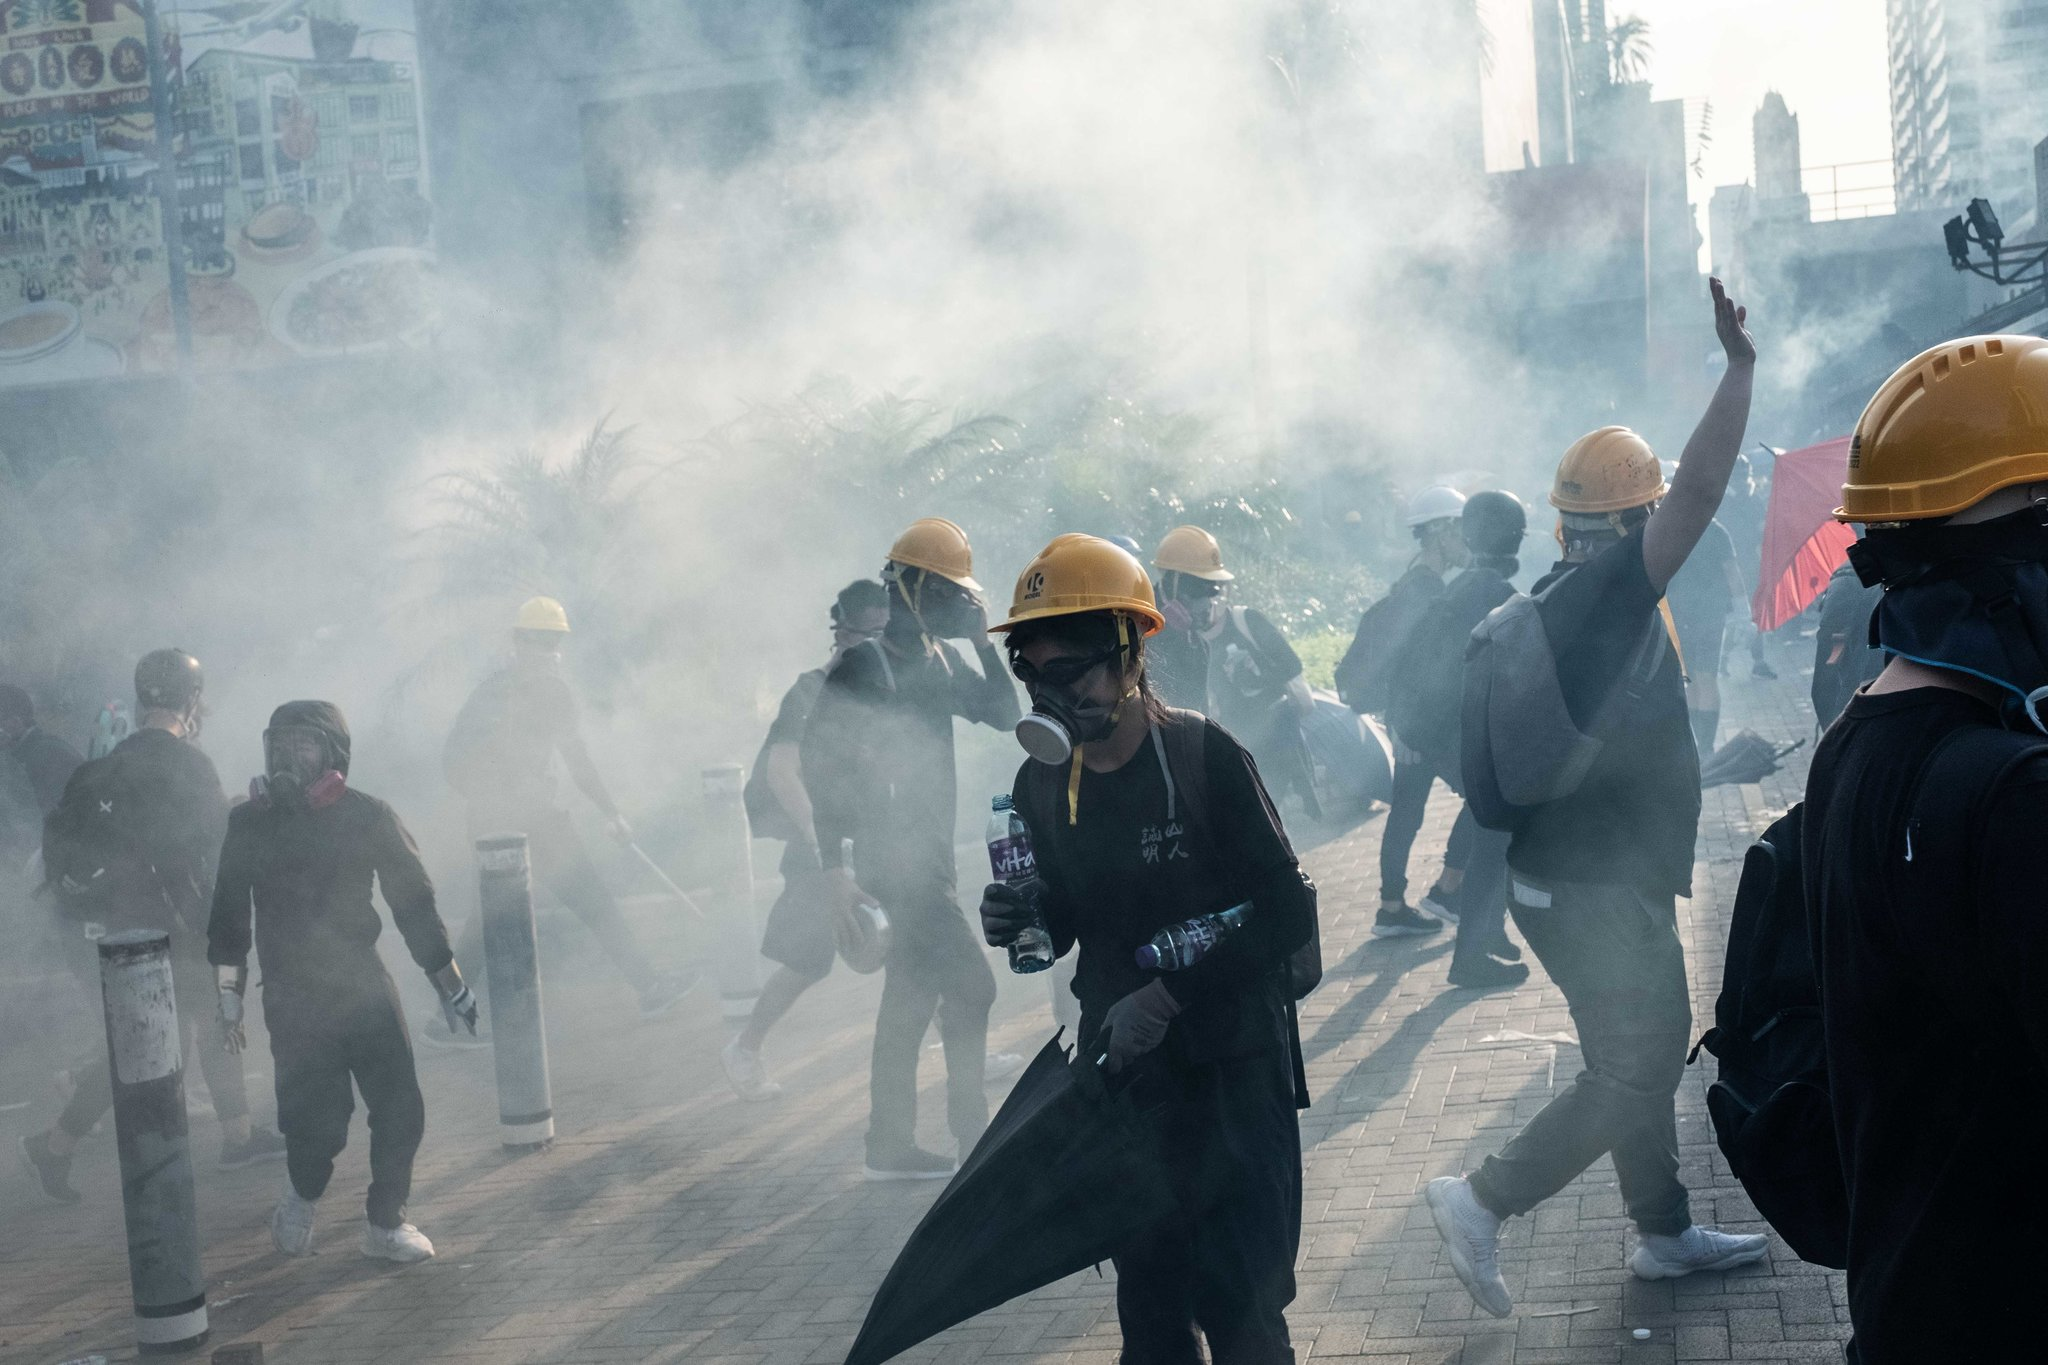 Hong Kong, pas protestave vijnë grevat masive